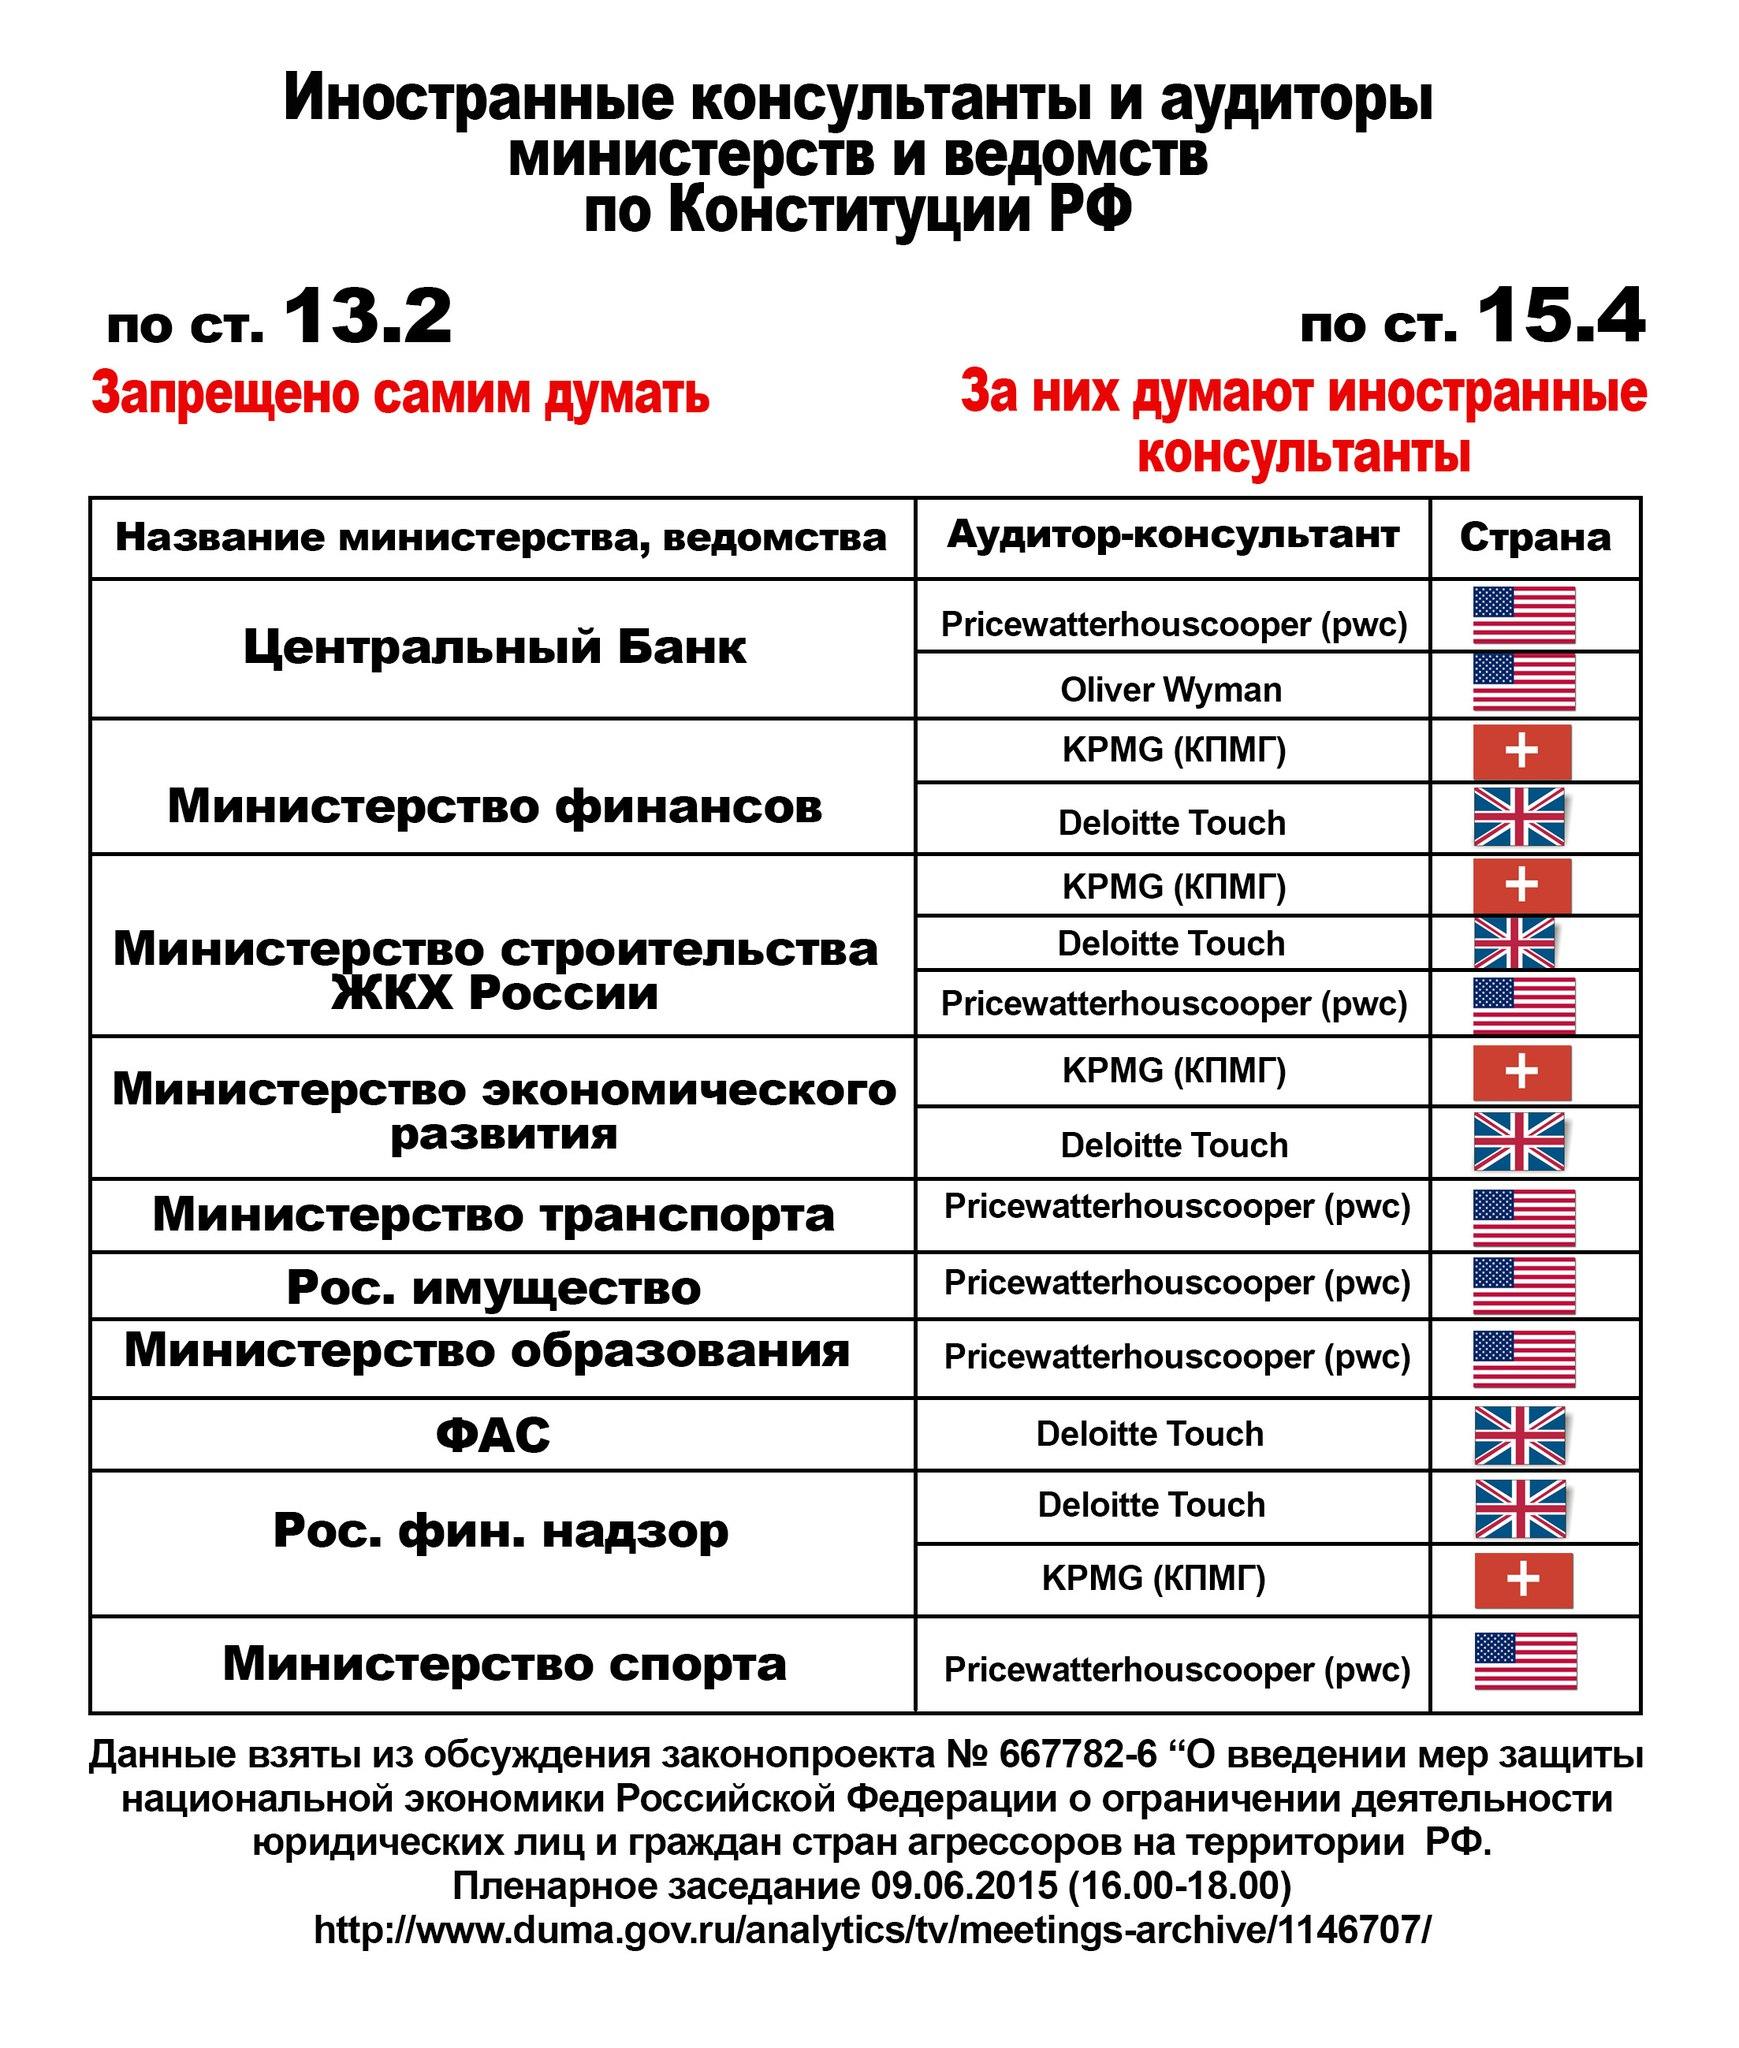 теплому детскому иностранные аудиторы в руководстве россии следующий